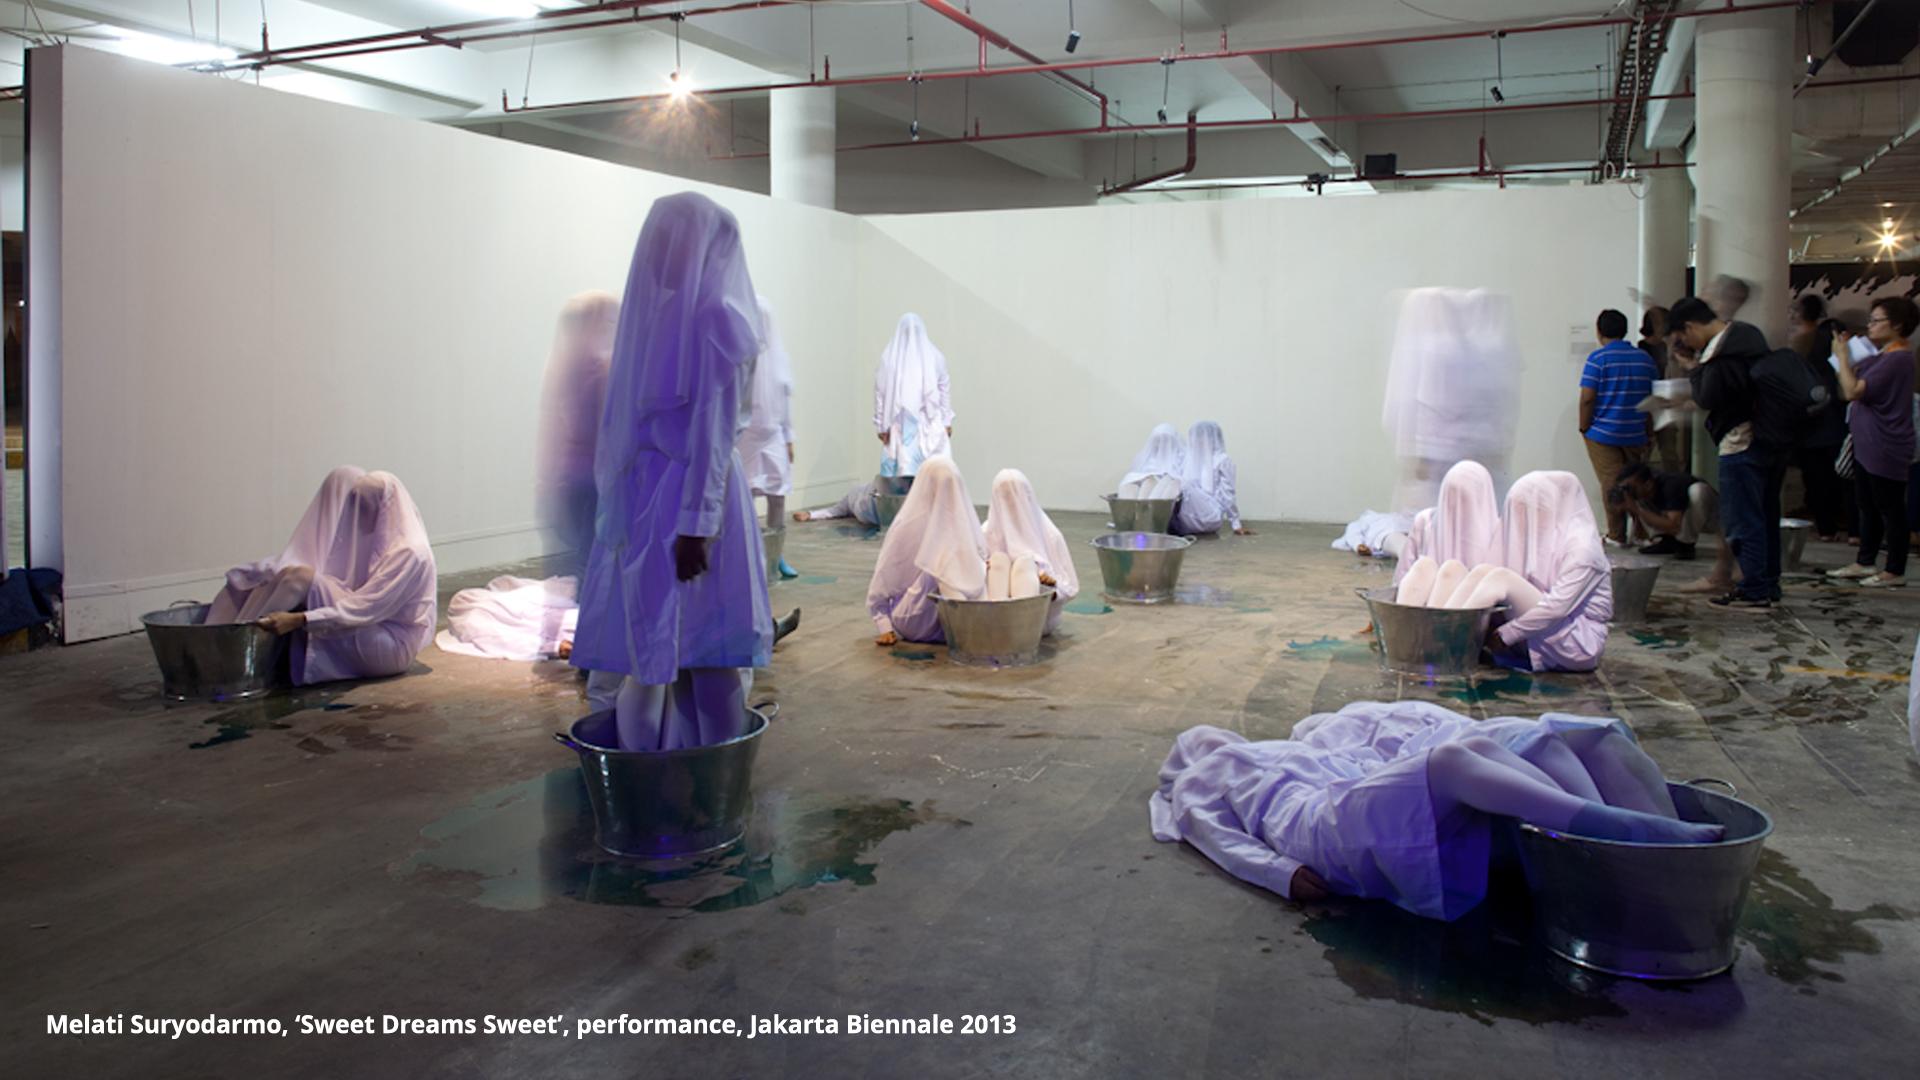 Melati Suryodarmo, 'Sweet Dreams Sweet', performance, Jakarta Biennale 2013